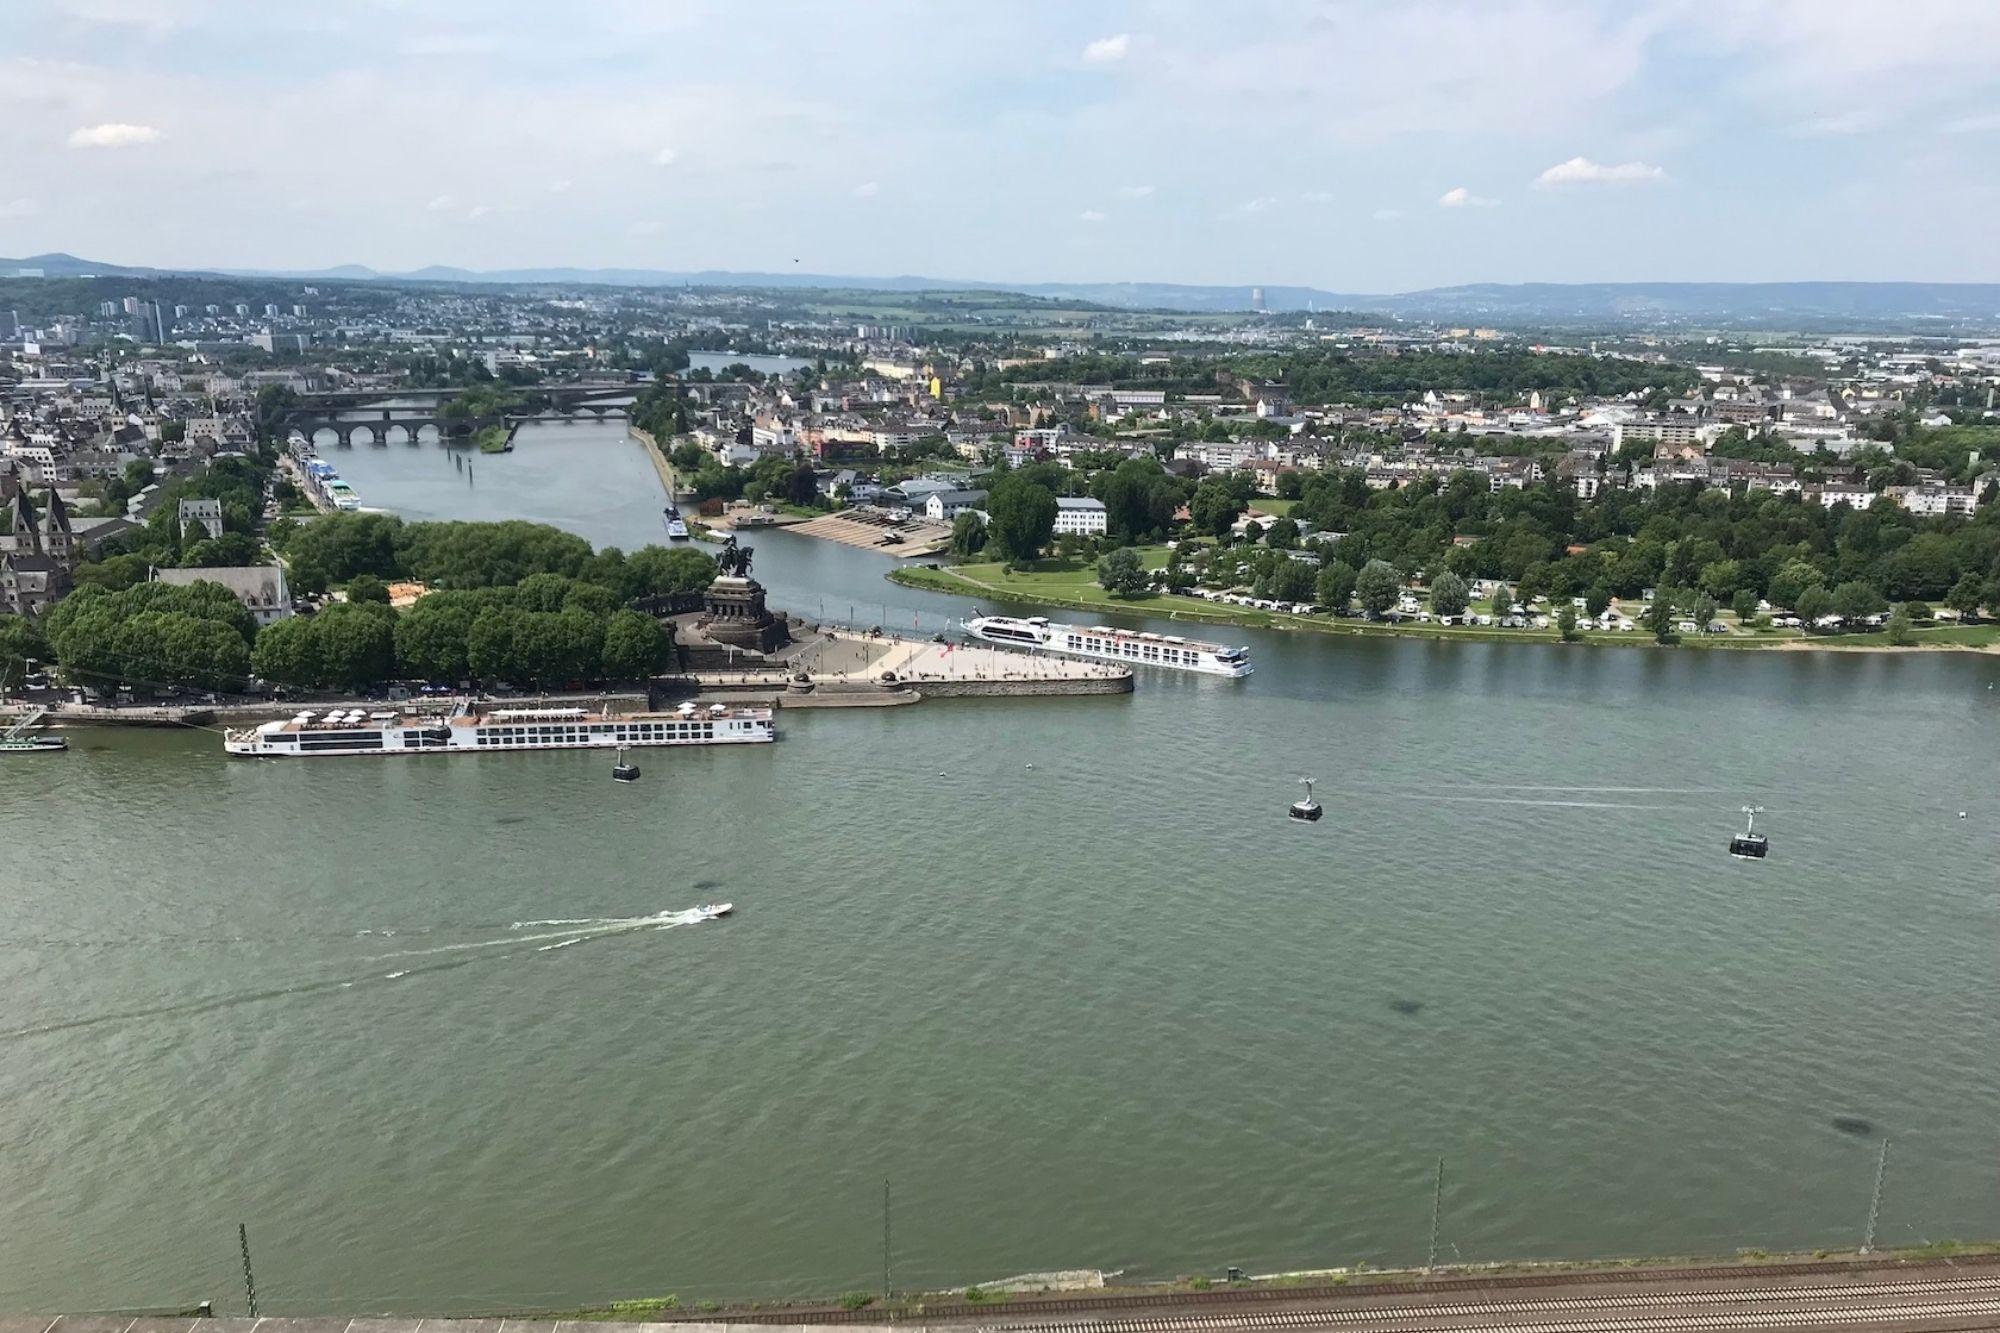 Rheinland-Pfalz erlaubt Schiffsreisen mit 50% Kapazität ab 2. Juli